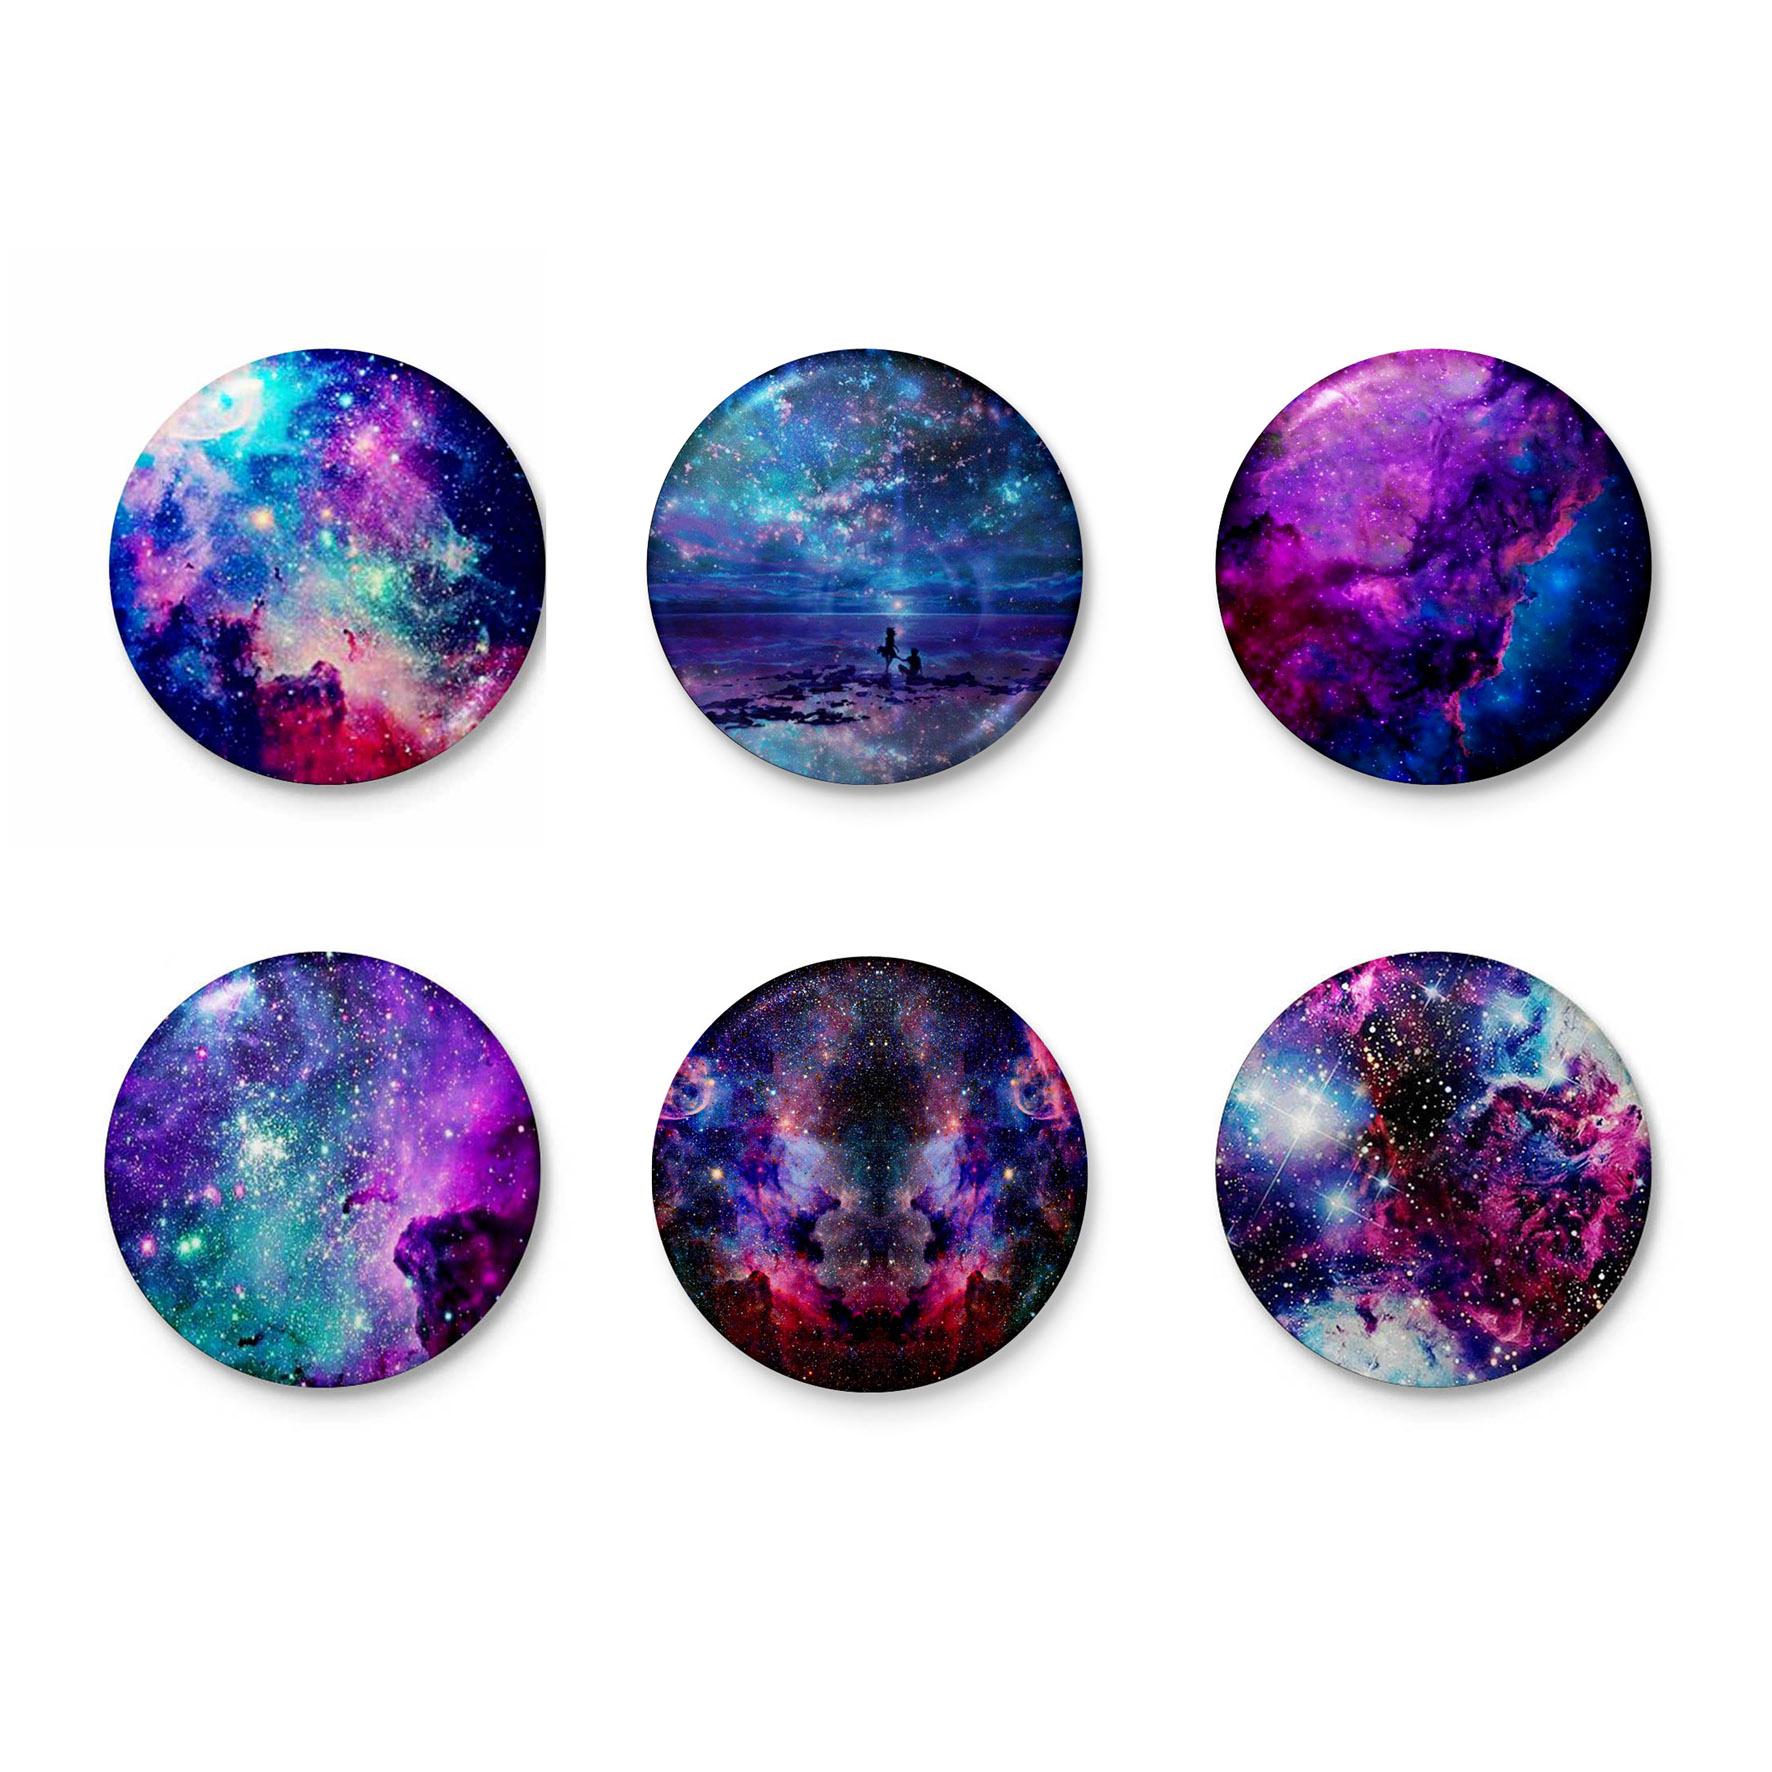 پیکسل طرح کهکشان کد 15001 مجموعه 6 عددی